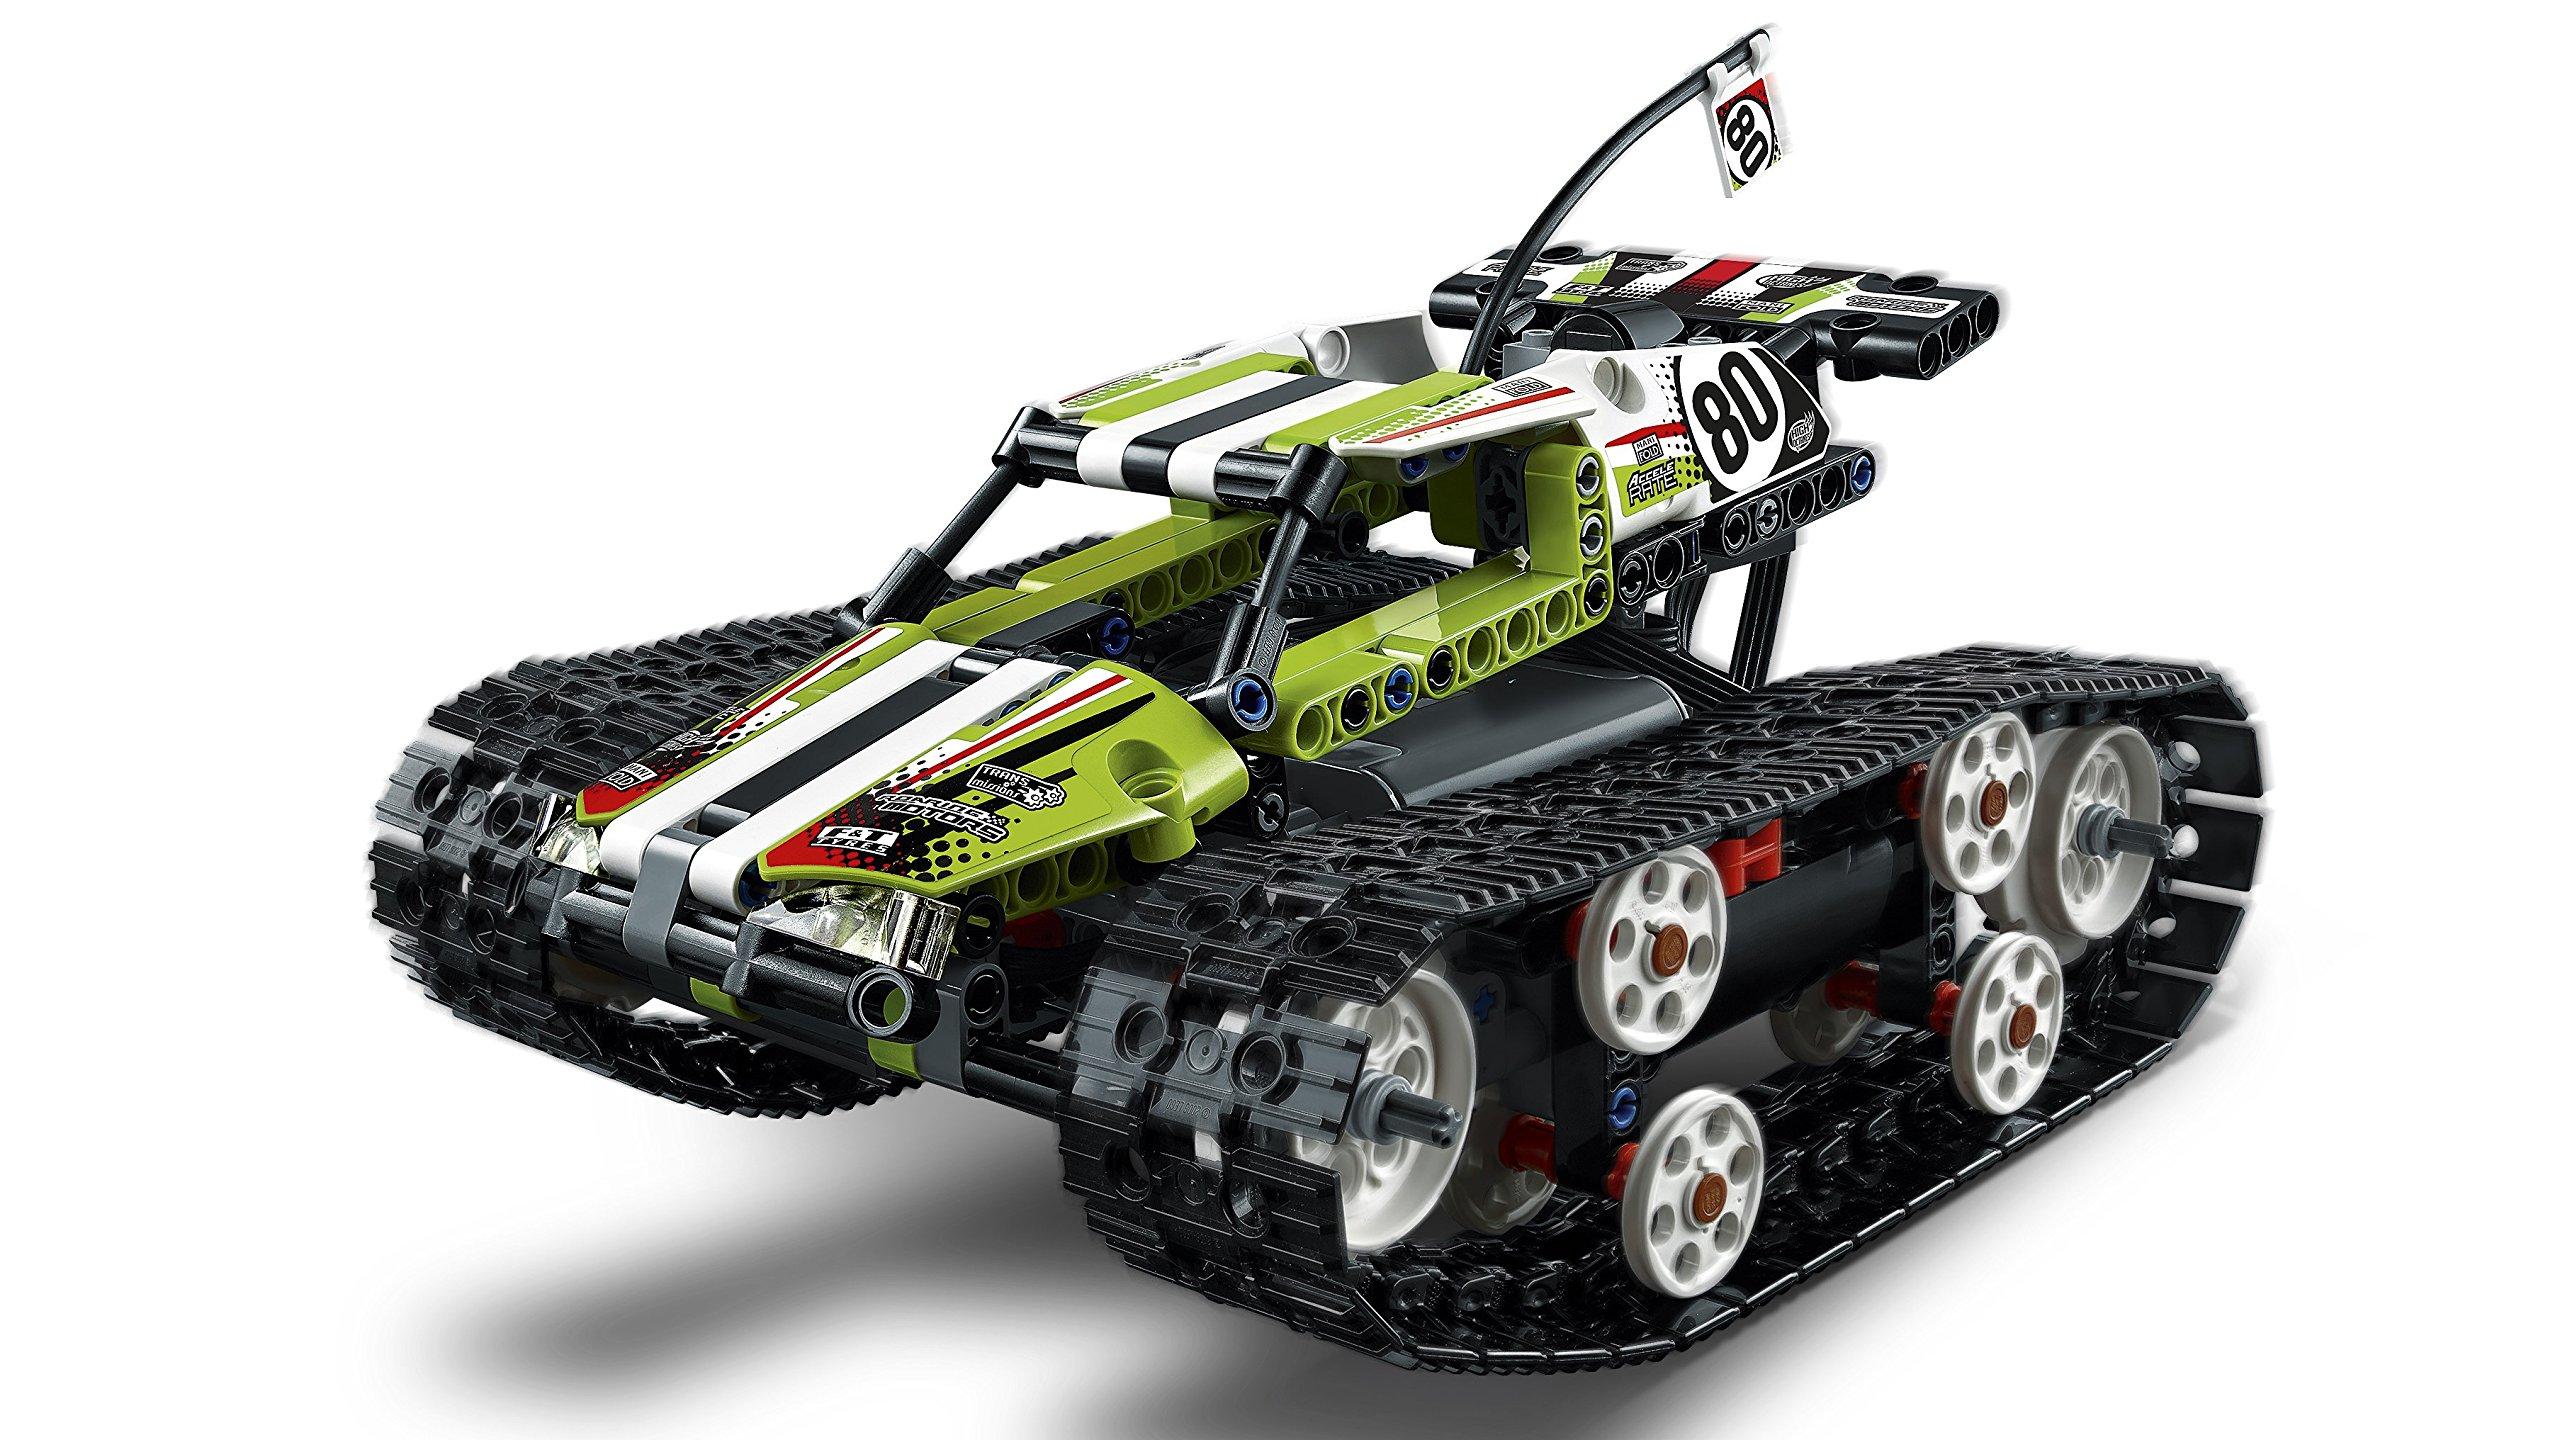 LEGO- Technic Cars Racer Cingolato Telecomandato Costruzioni Piccole Gioco Bambina, Multicolore, 42065 5 spesavip